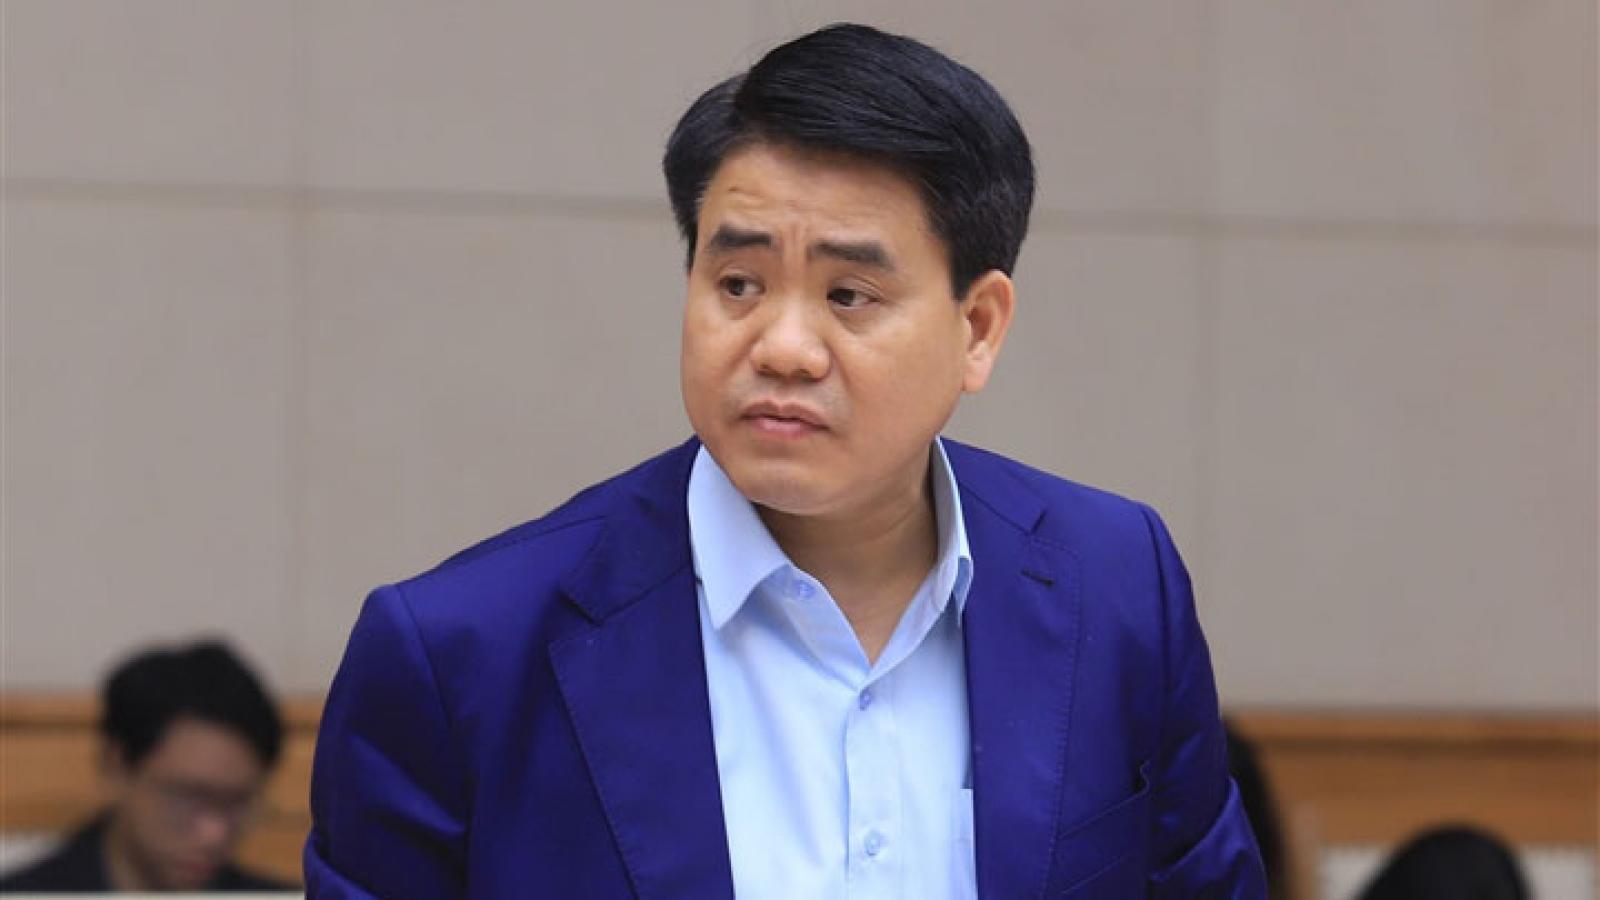 Vụ ông Nguyễn Đức Chung: Cán bộ cấp dưới dễ dàng thỏa hiệp với cái sai